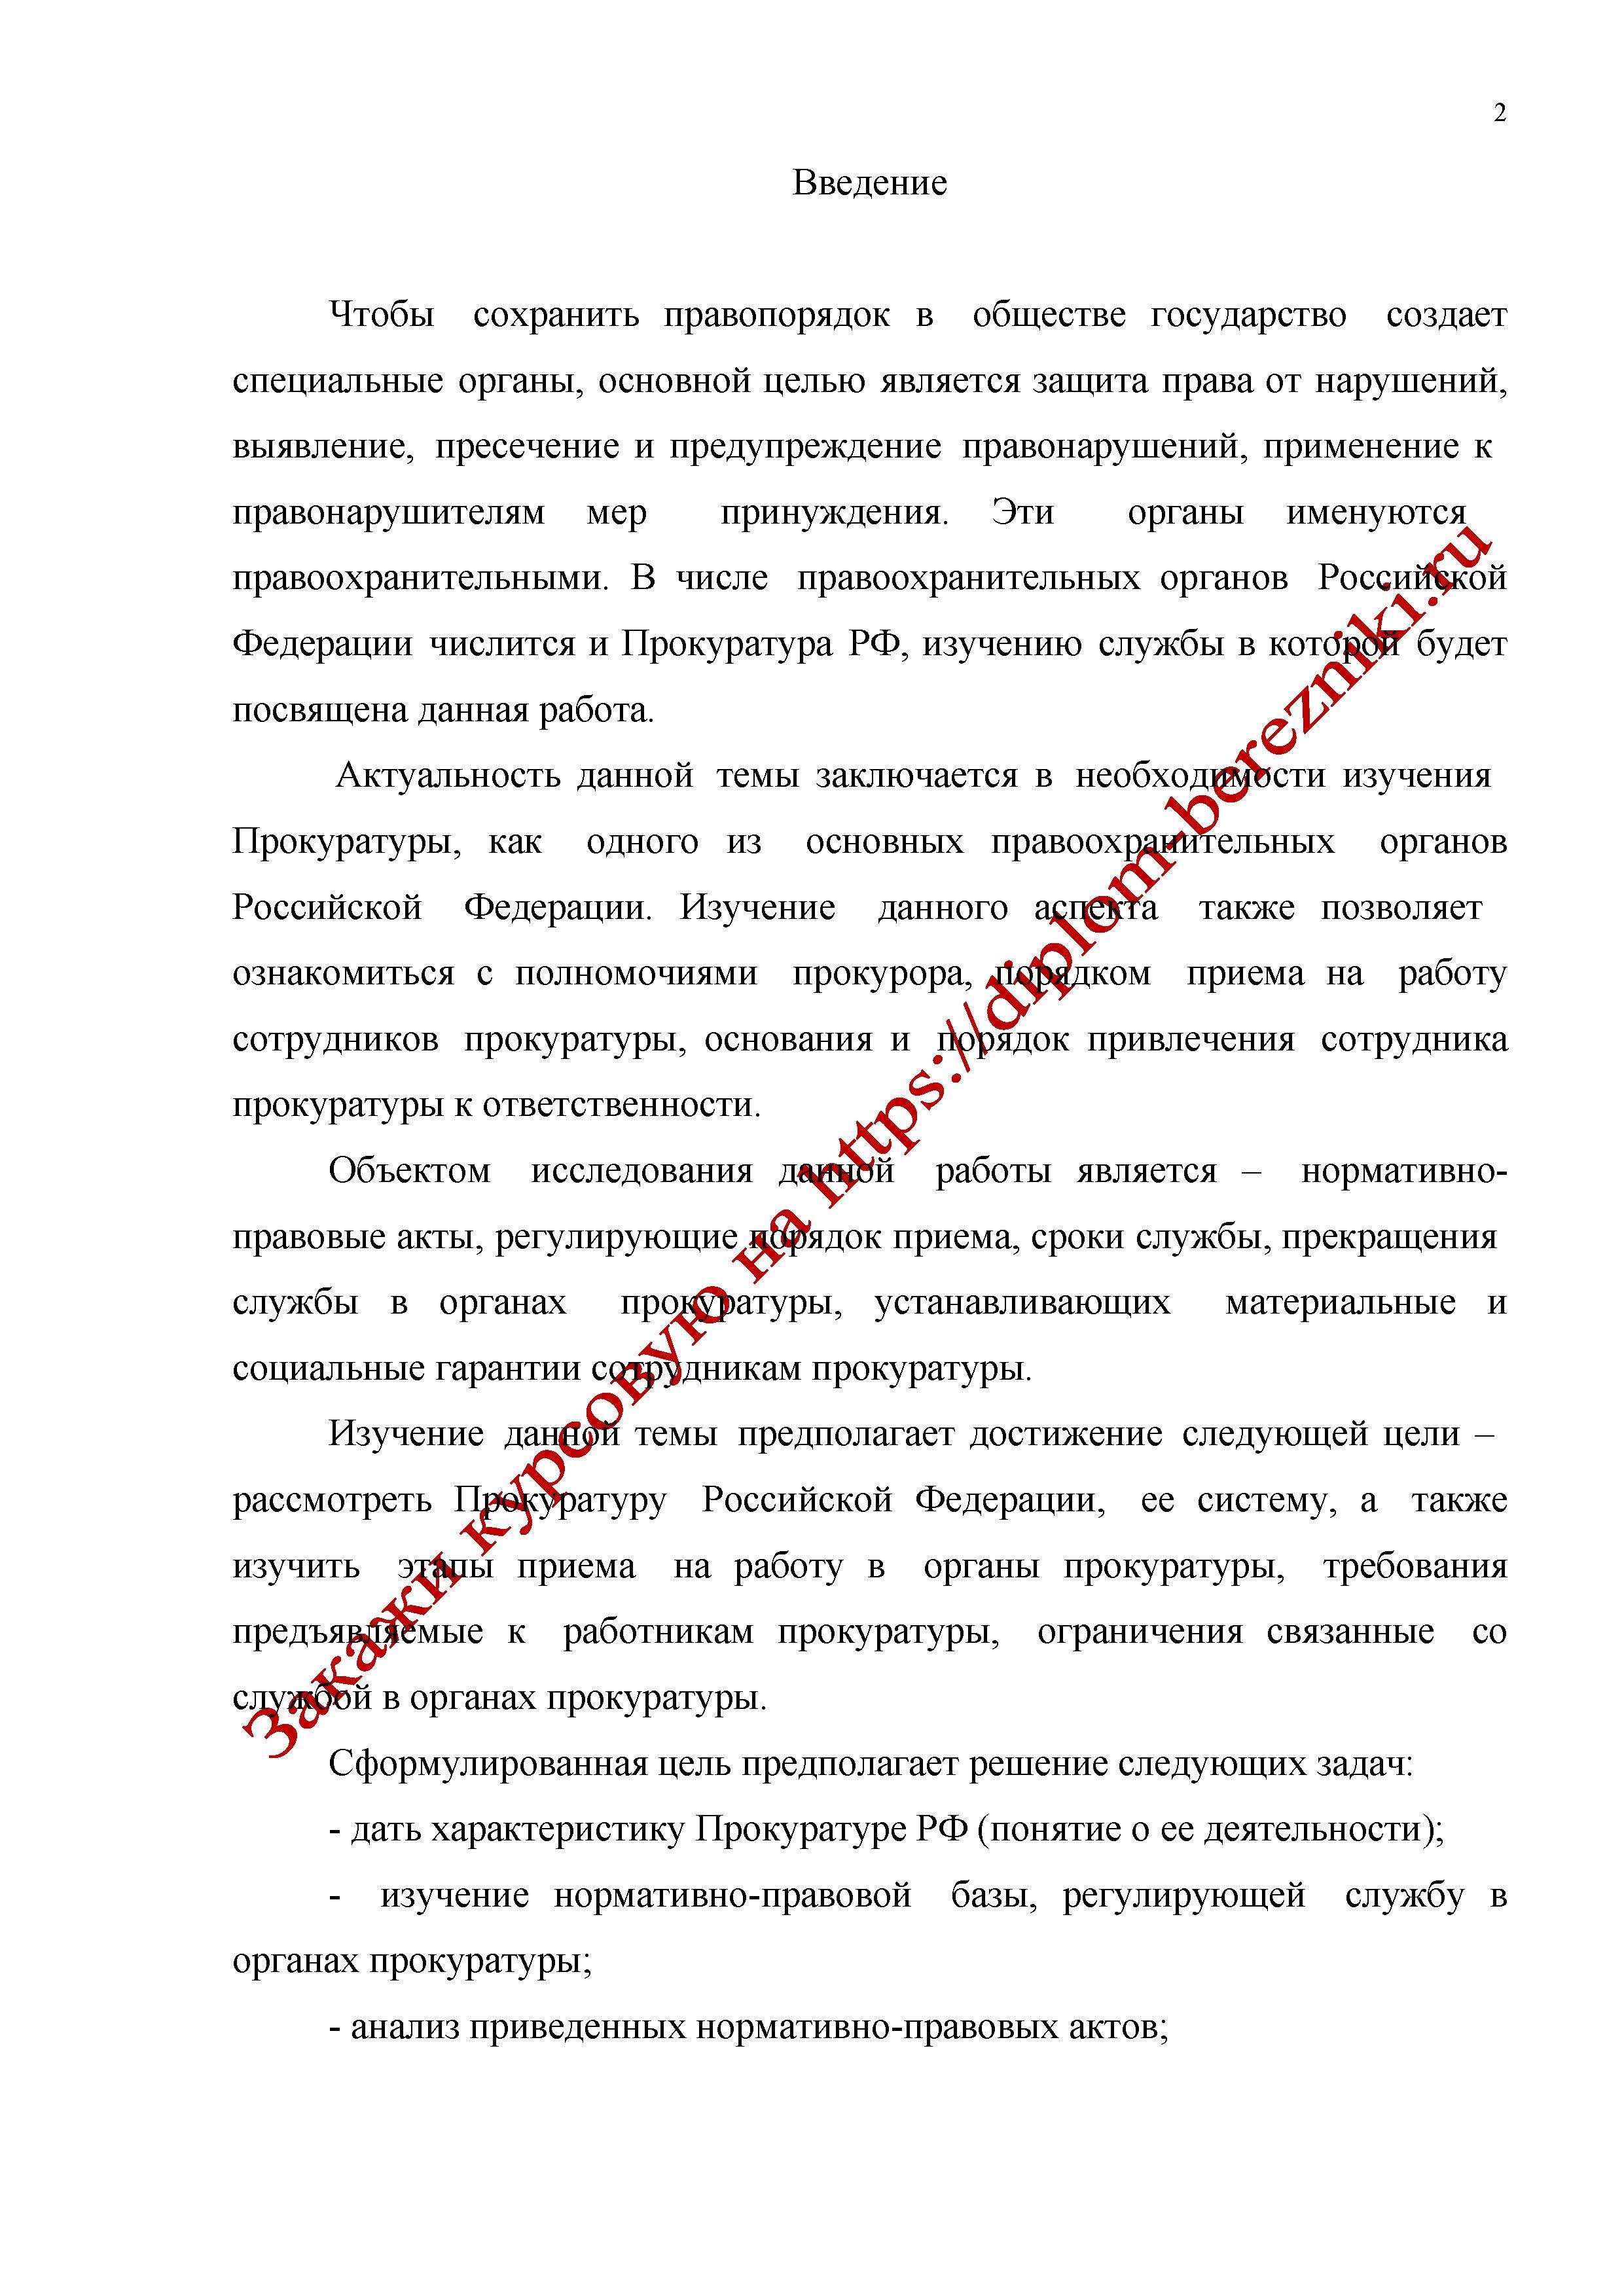 Государственная служба в органах и учреждениях прокуратуры